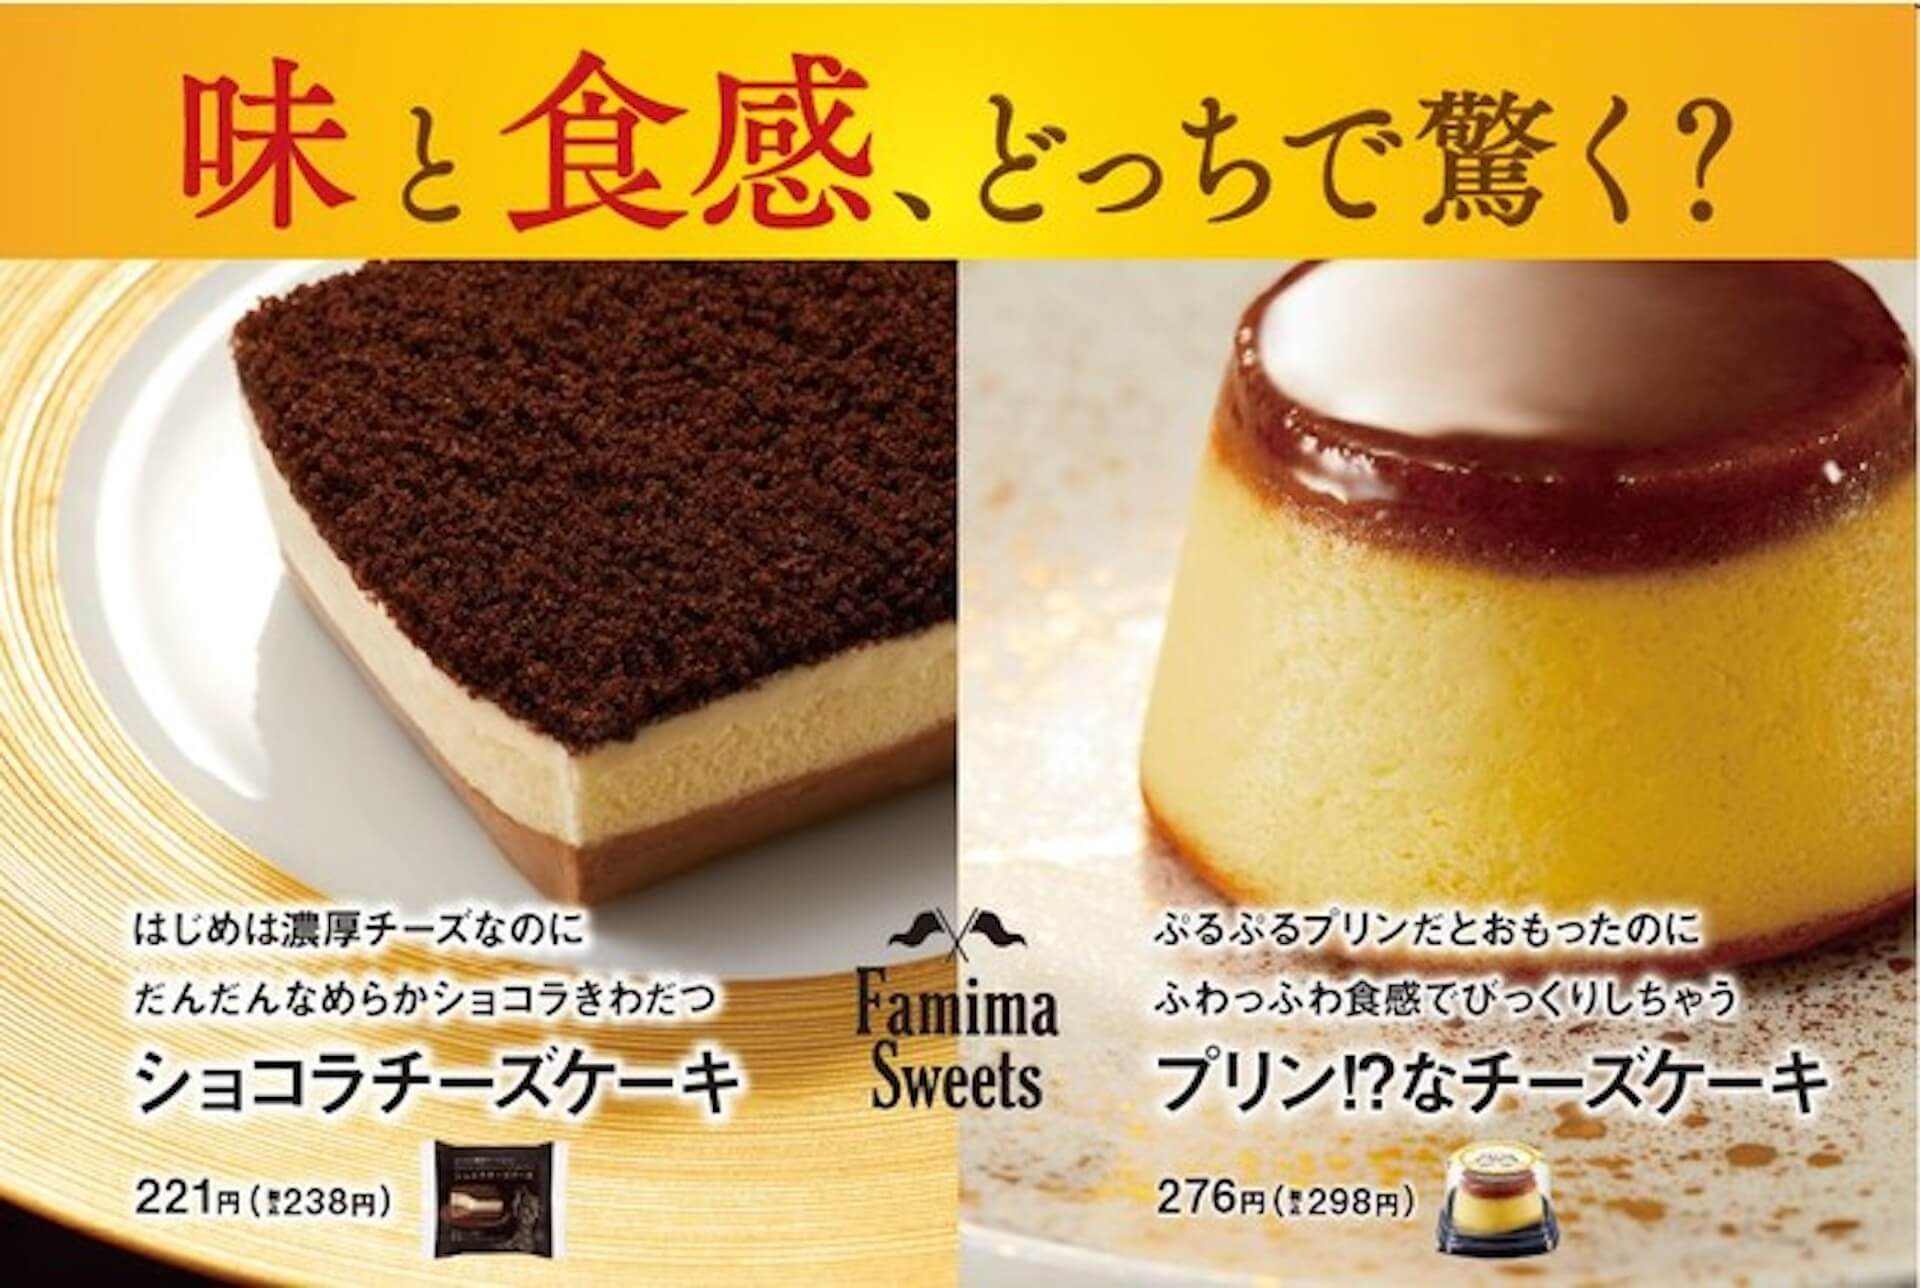 """ファミリーマートの""""新感覚チーズケーキ""""「ショコラチーズケーキ」と「プリン!?なチーズケーキ」が10日間で200万食達成! gourmet201113_familymart_4"""